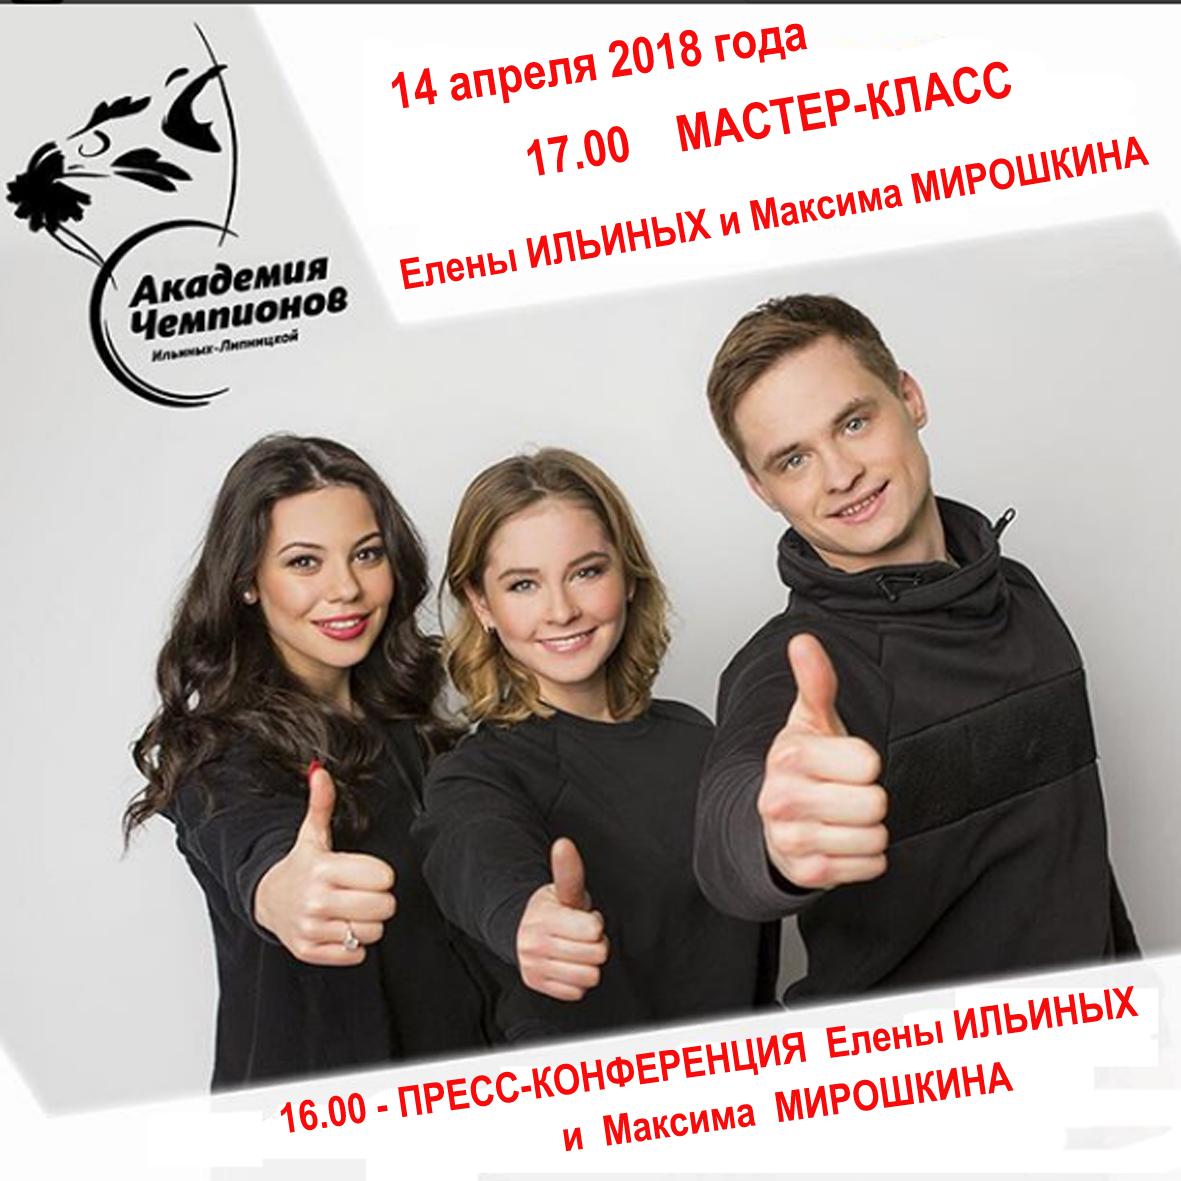 Академия чемпионов Ильиных-Липницкая - Страница 14 Master-class